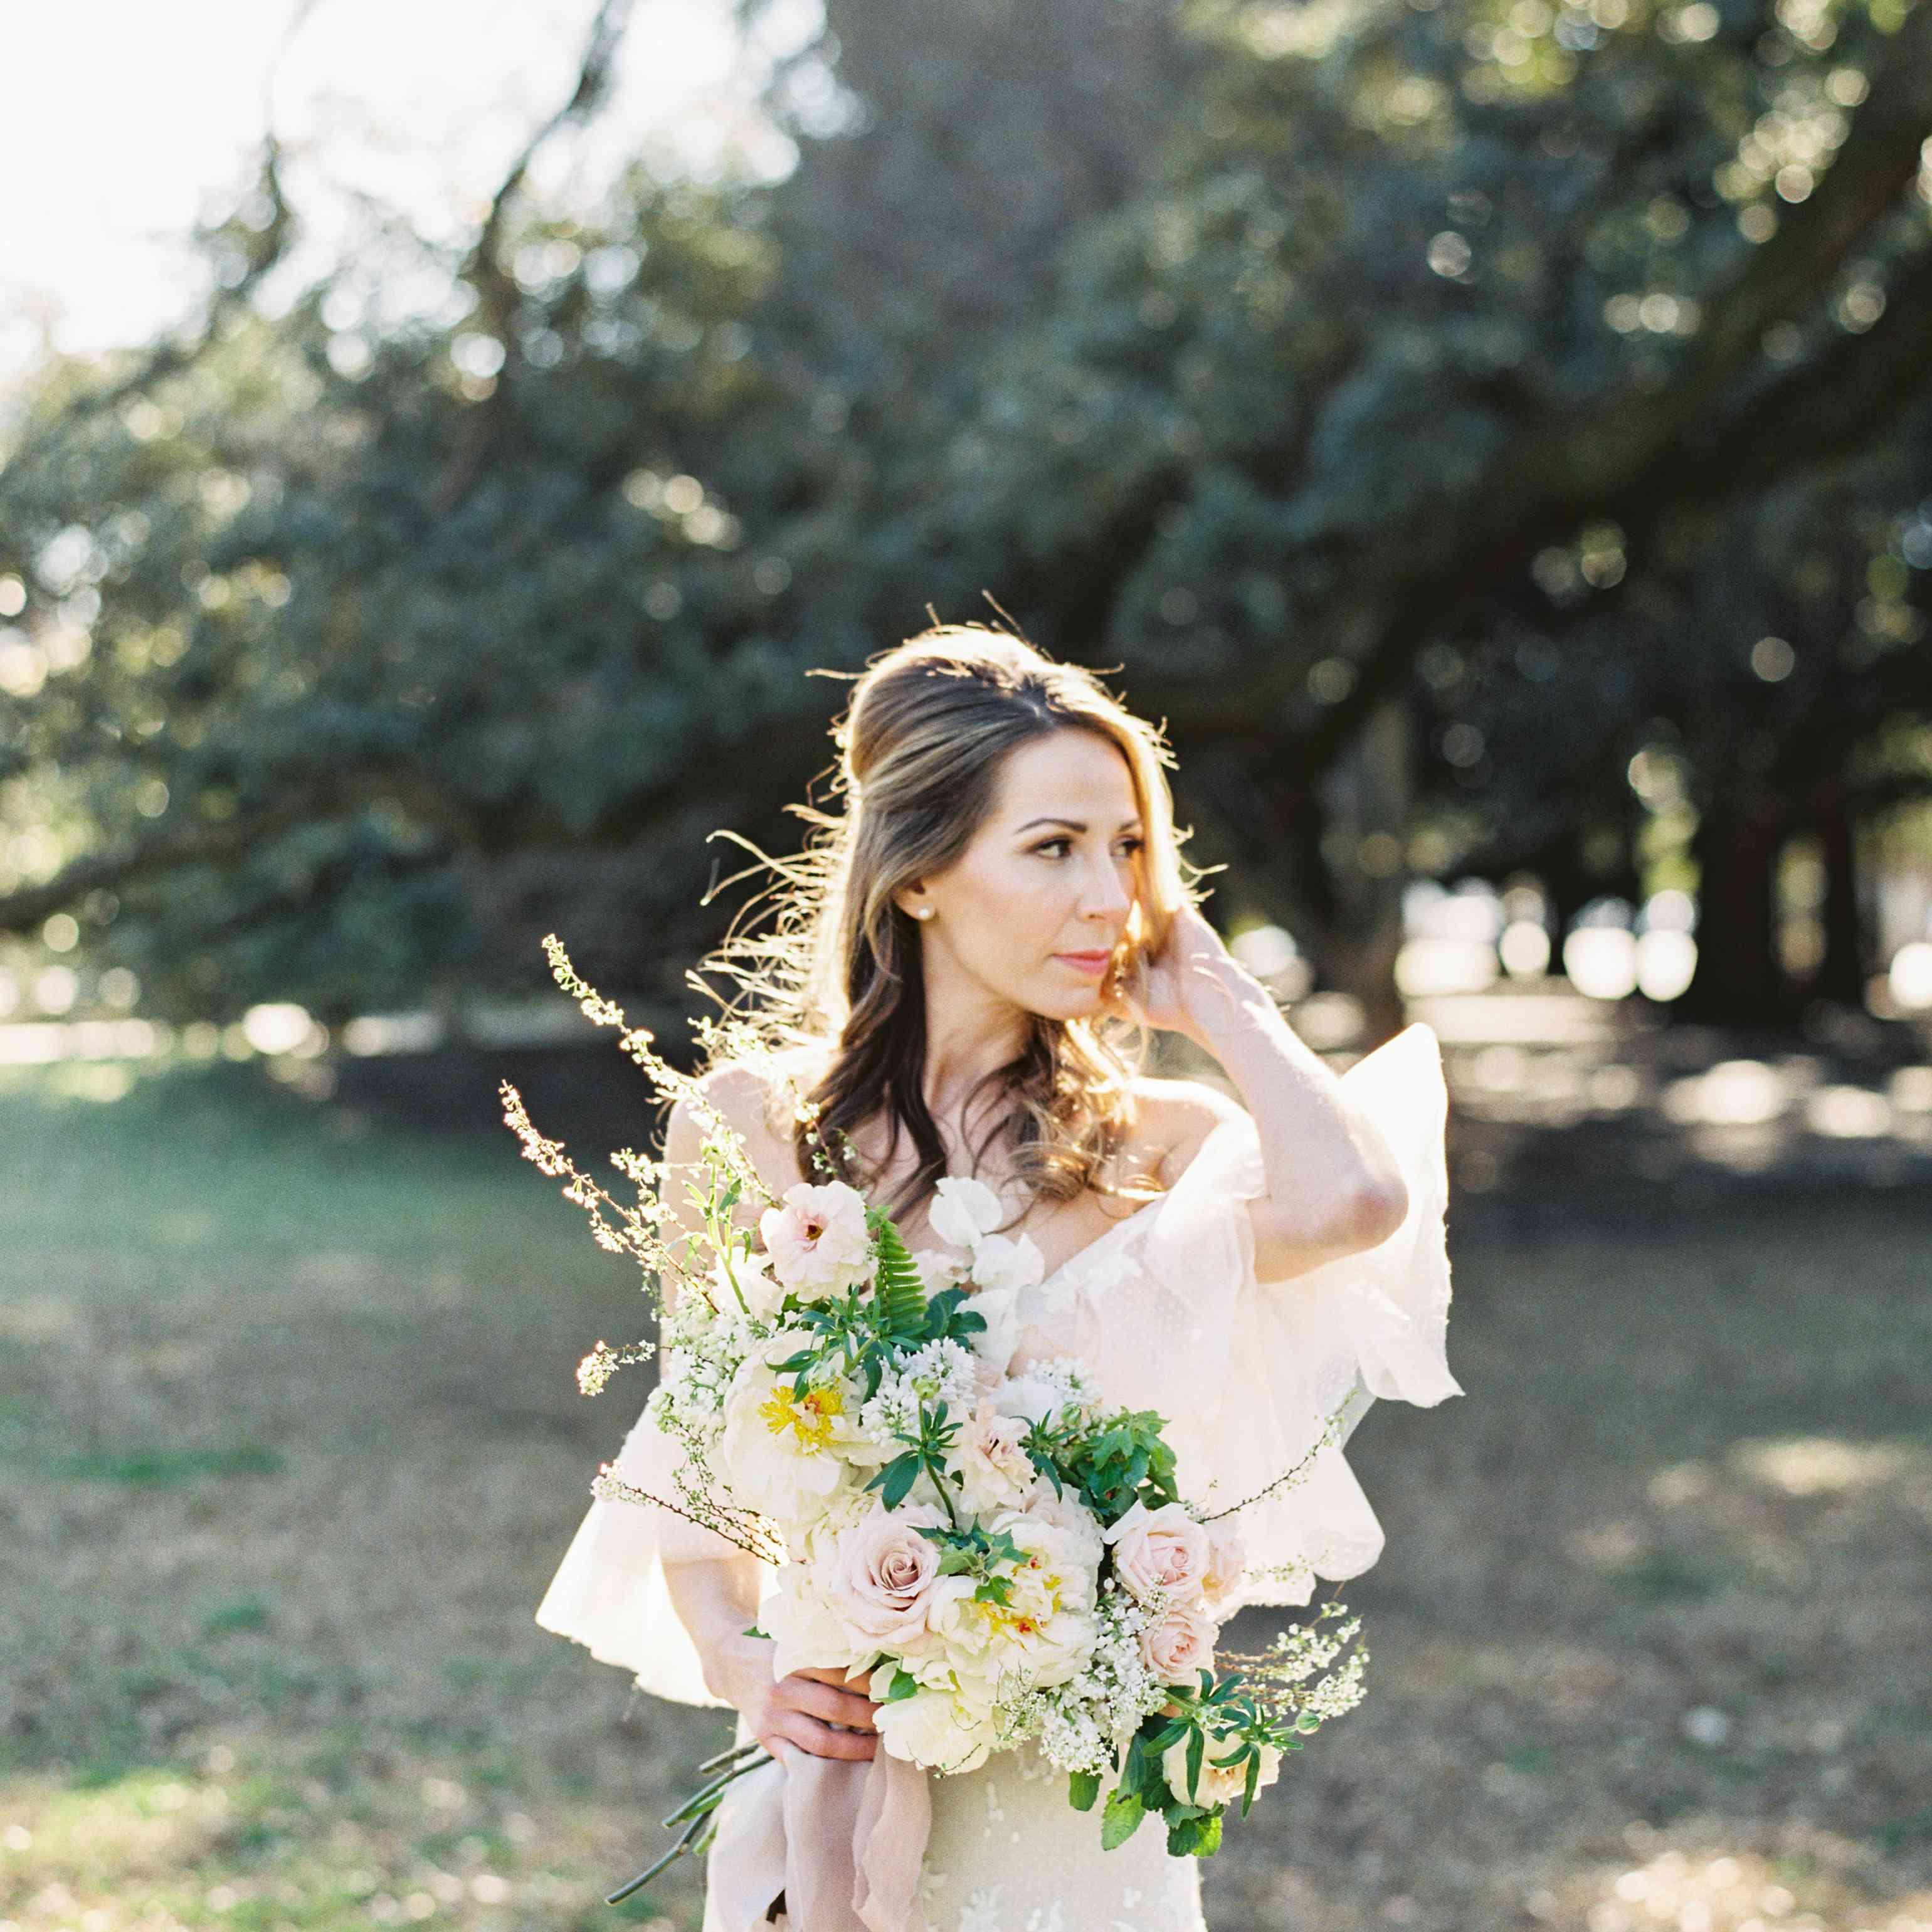 <p>bride with wedding bouquet</p><br><br>